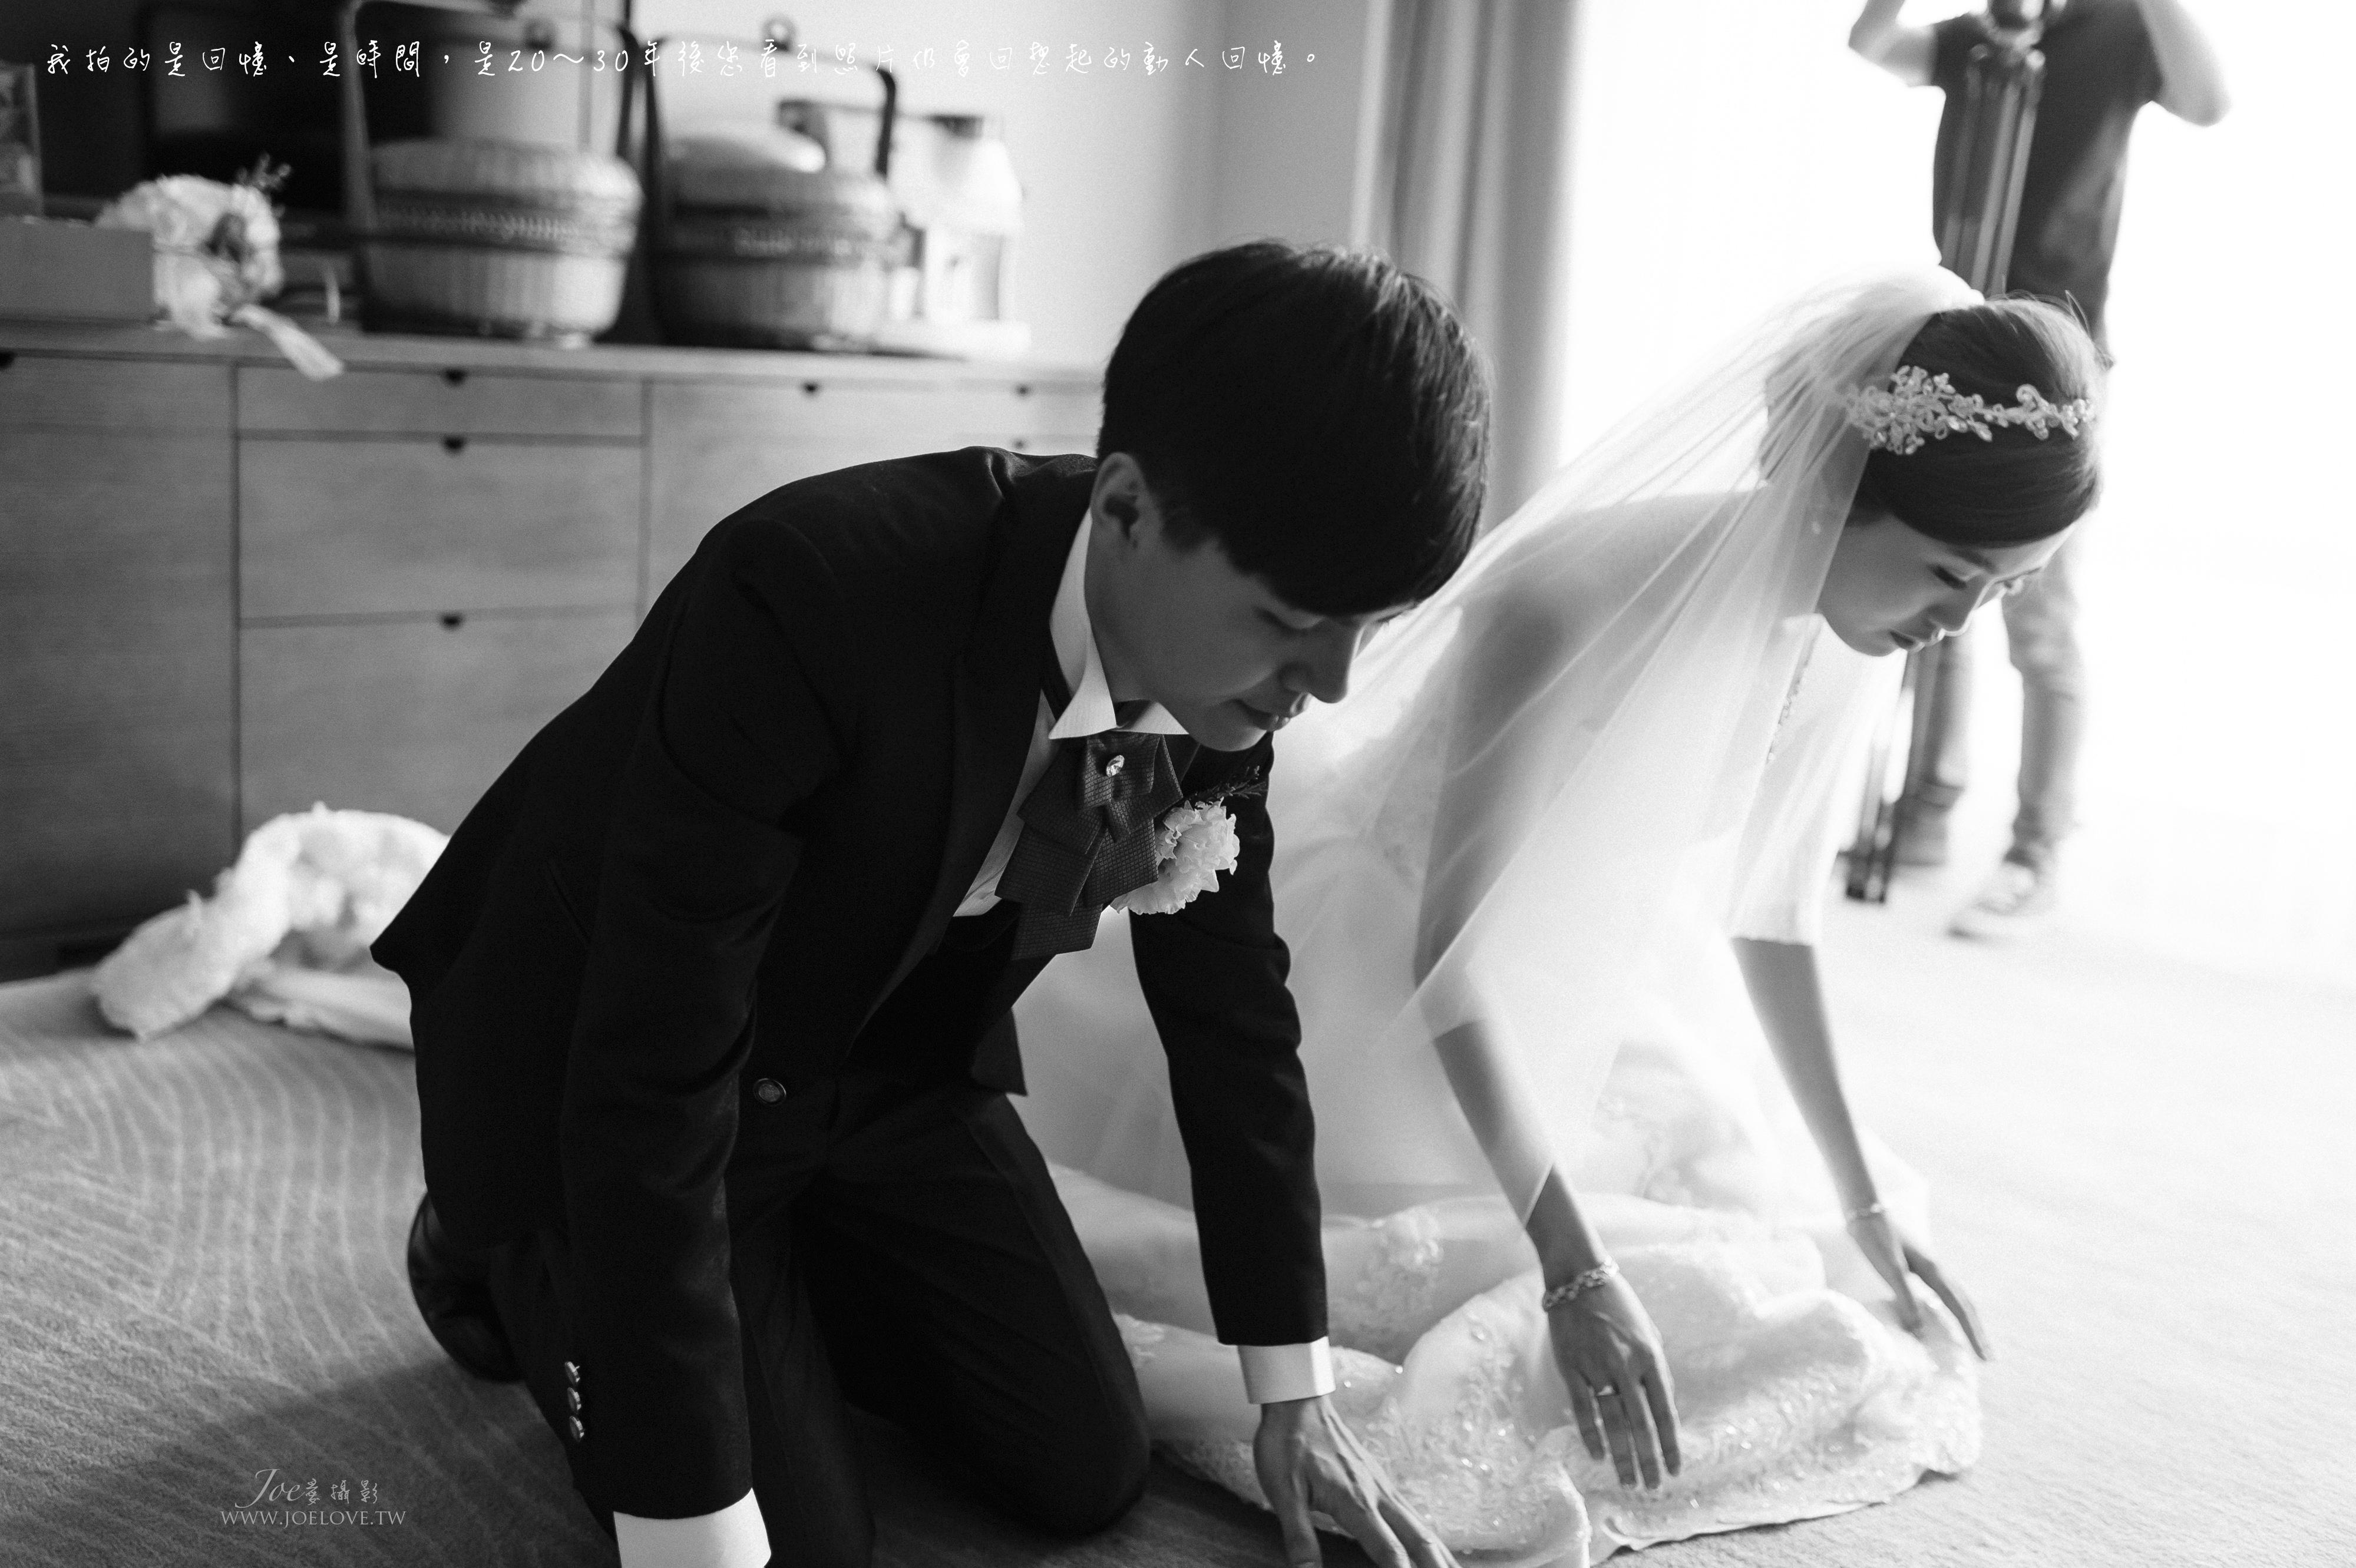 台中婚攝 裕元花園酒店 則銘+姵宏 結婚紀錄